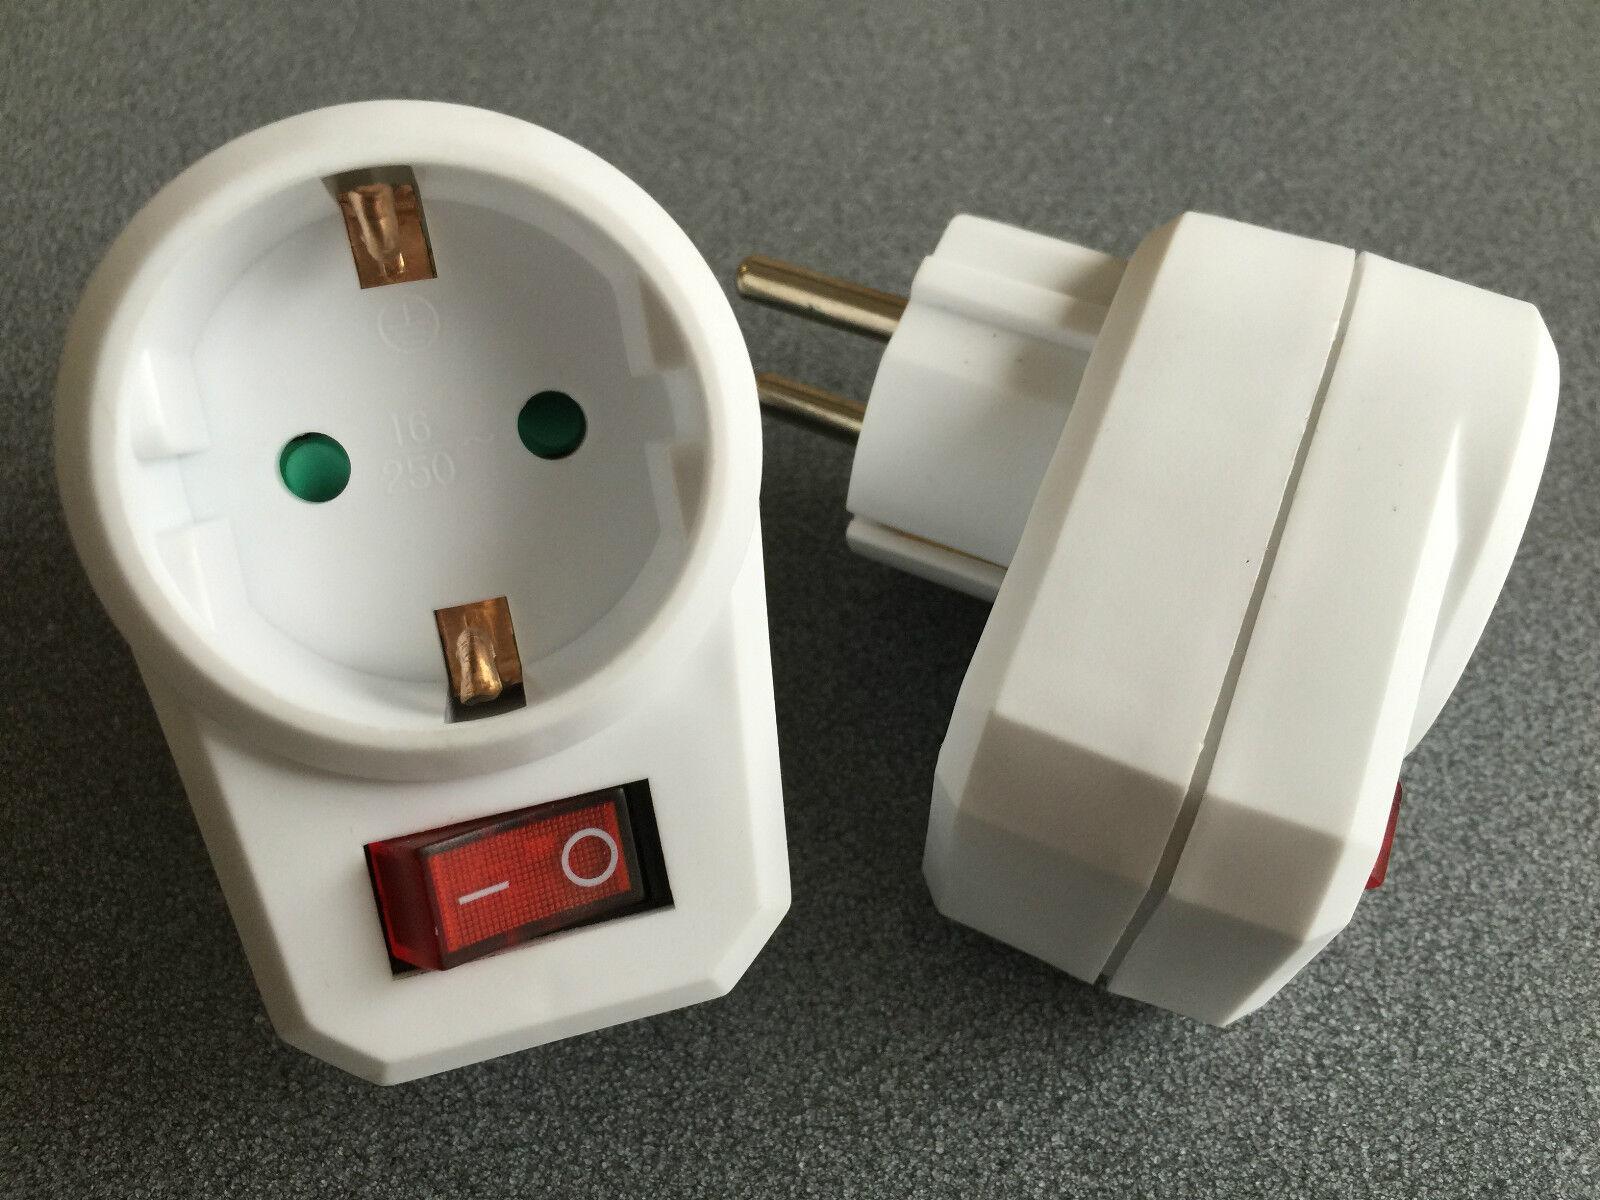 1 schaltbare Steckdose mit Schalter Steckdosenschalter Stecker Schuko Adapter2